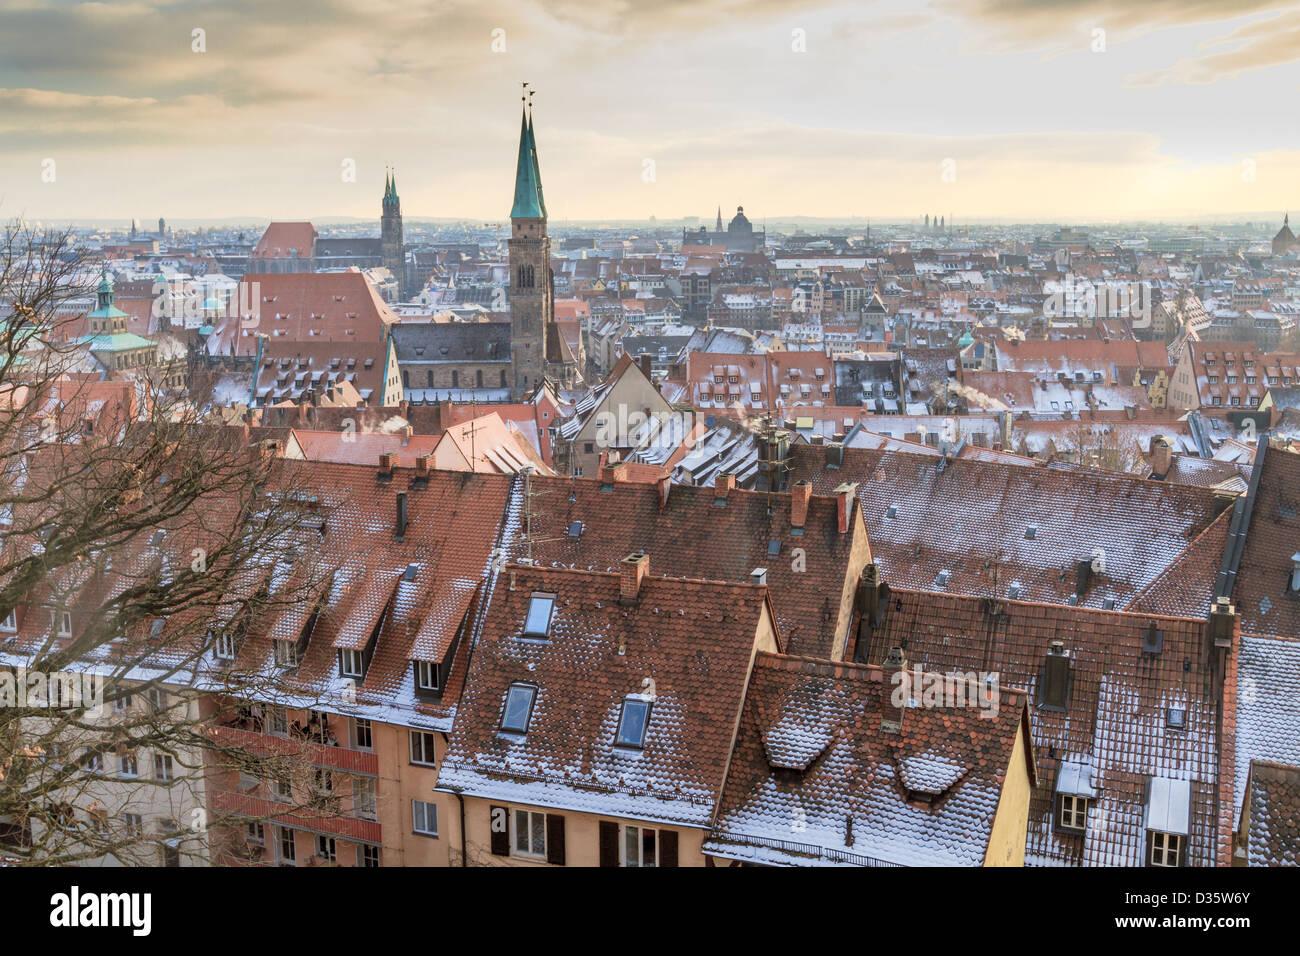 Nurember vista città durante il tempo del famoso mercatino di Natale in inverno Immagini Stock